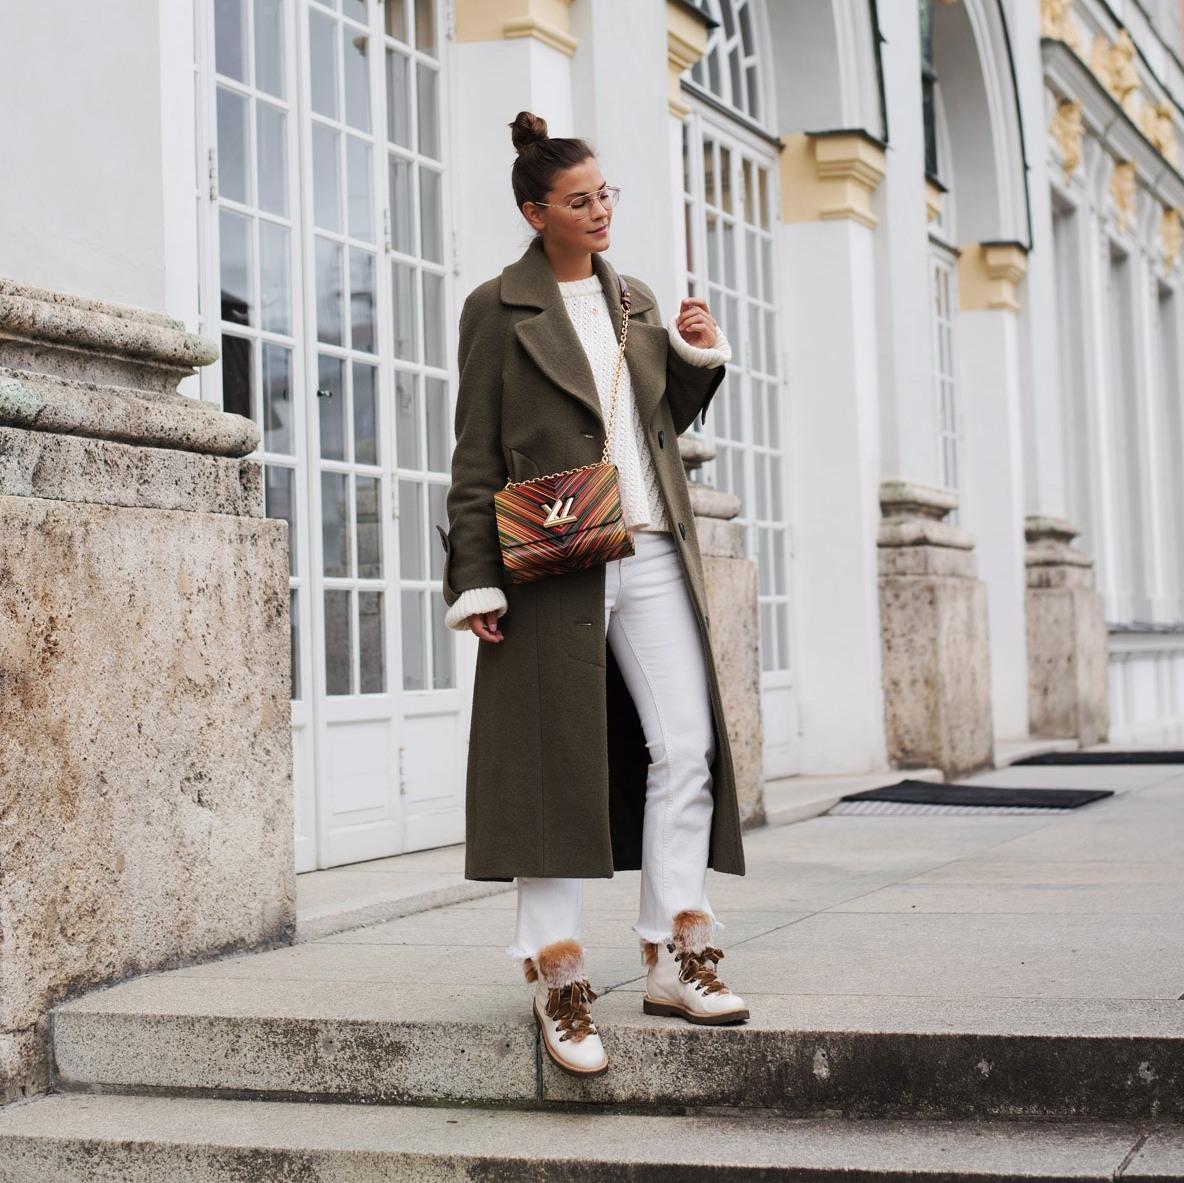 louis-vuitton-twist-mm-cuise-collection-2016-limited-edition-epi-leder-fashiioncarpet